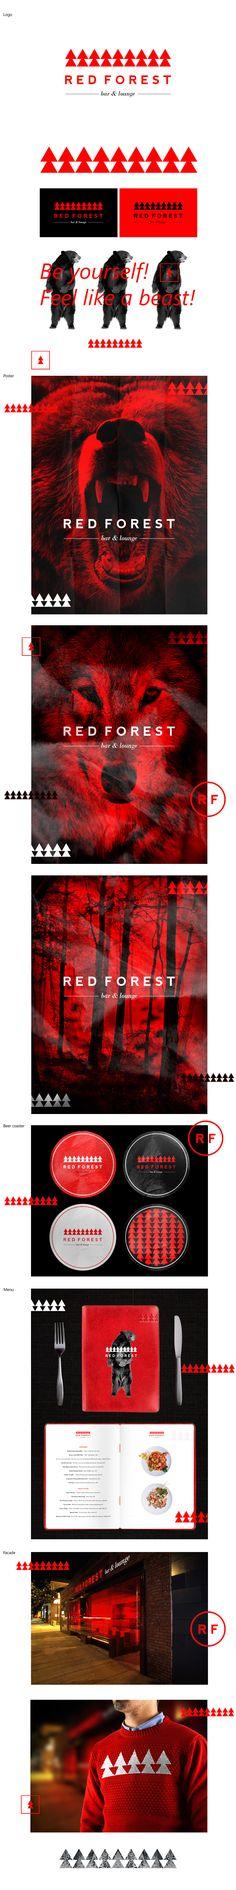 RED FOREST, Identity © BerikYergaliyev